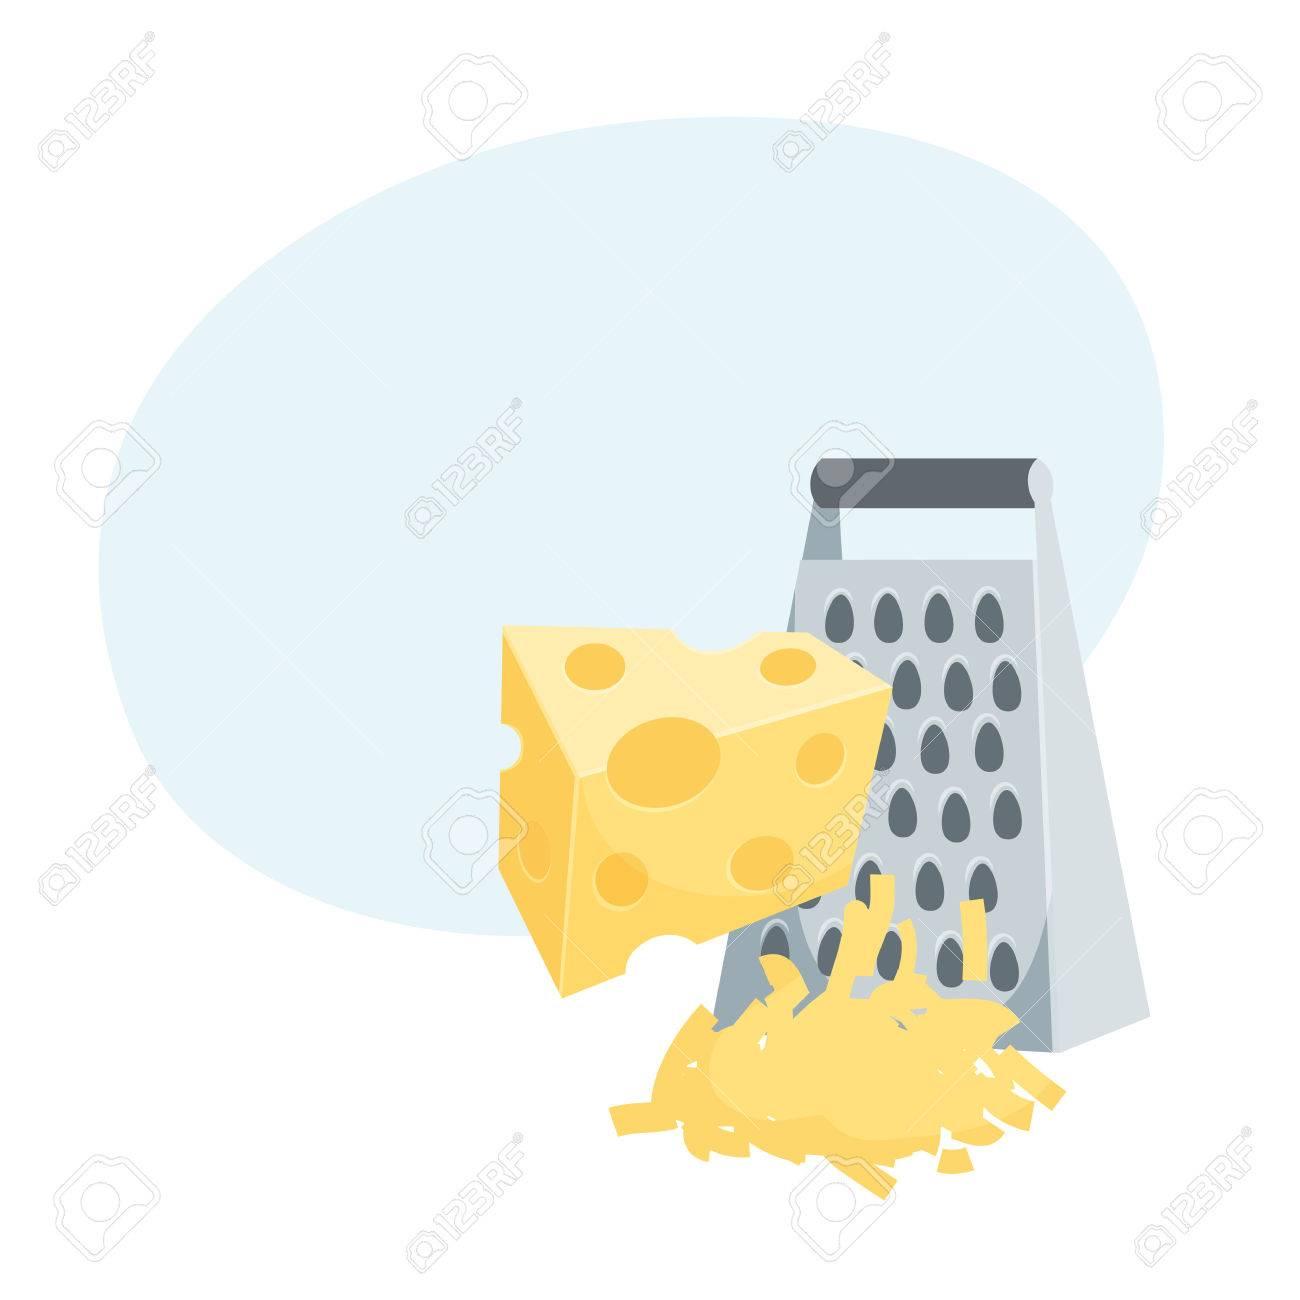 粉チーズ調理プロセスキッチン用品調理器具テーマ ベクトル